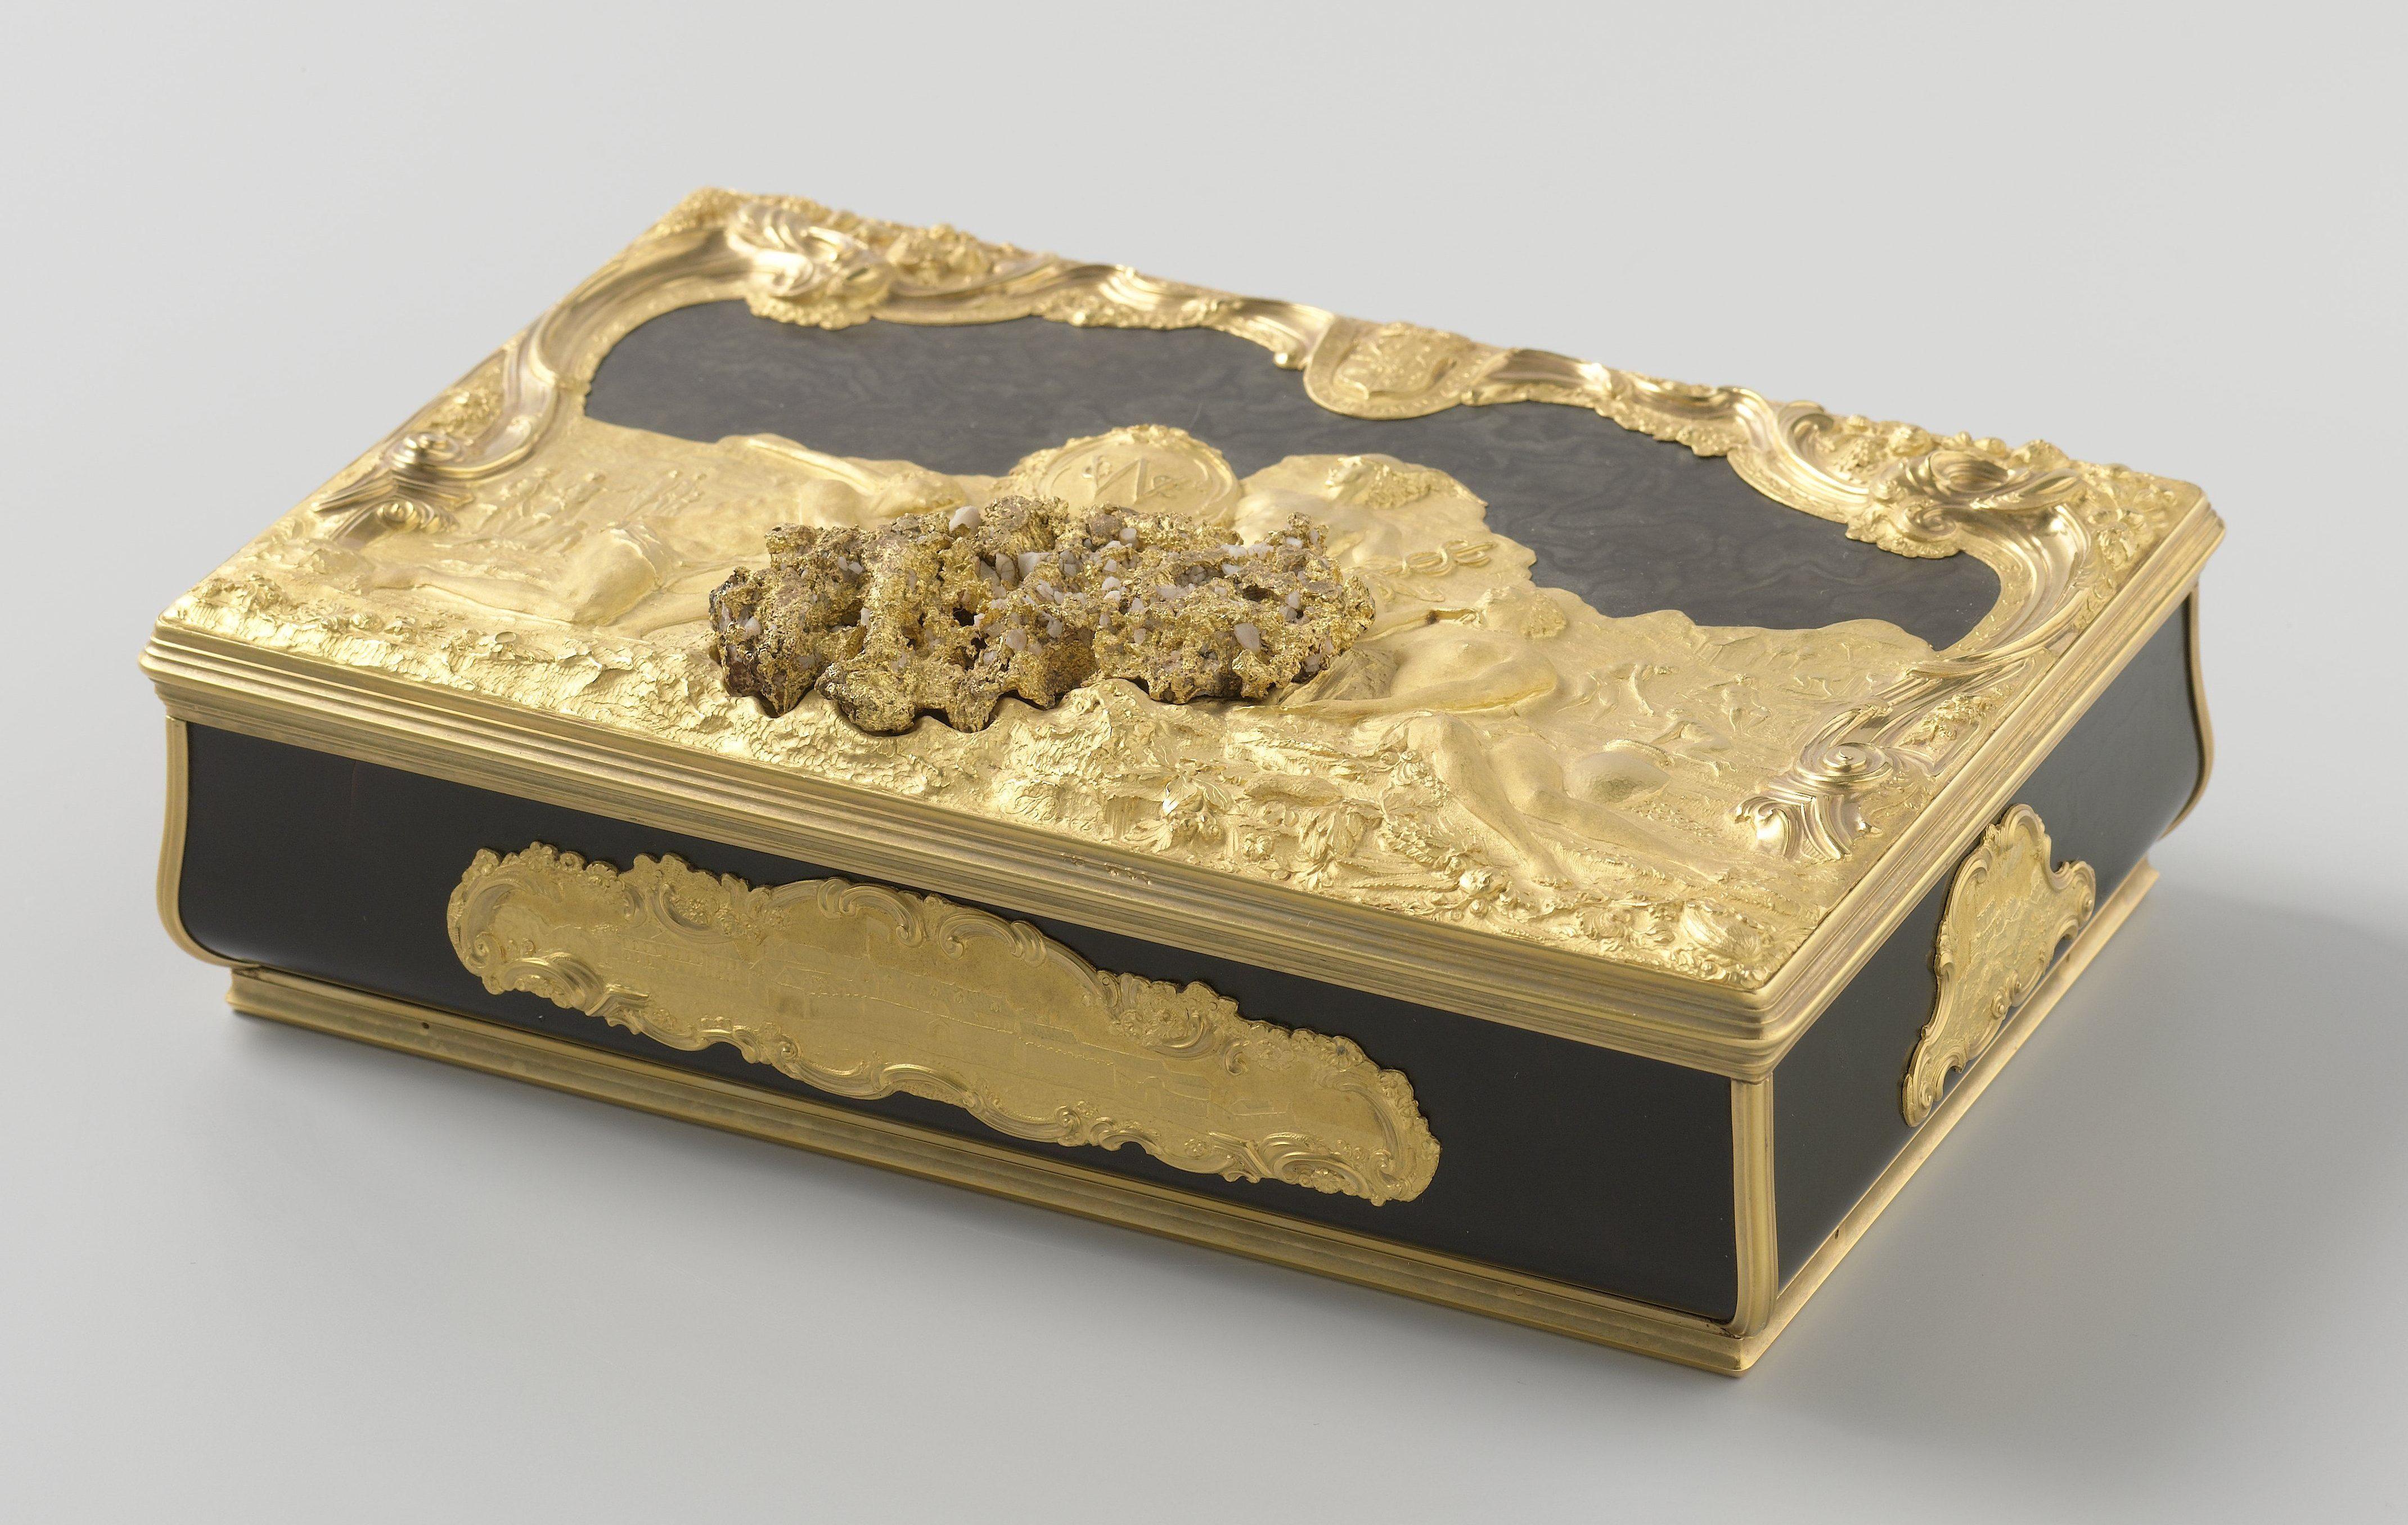 Doos van de West-Indische Compagnie van schildpad en goud, 1749. Collectie Rijksmuseum, NG-NM-824